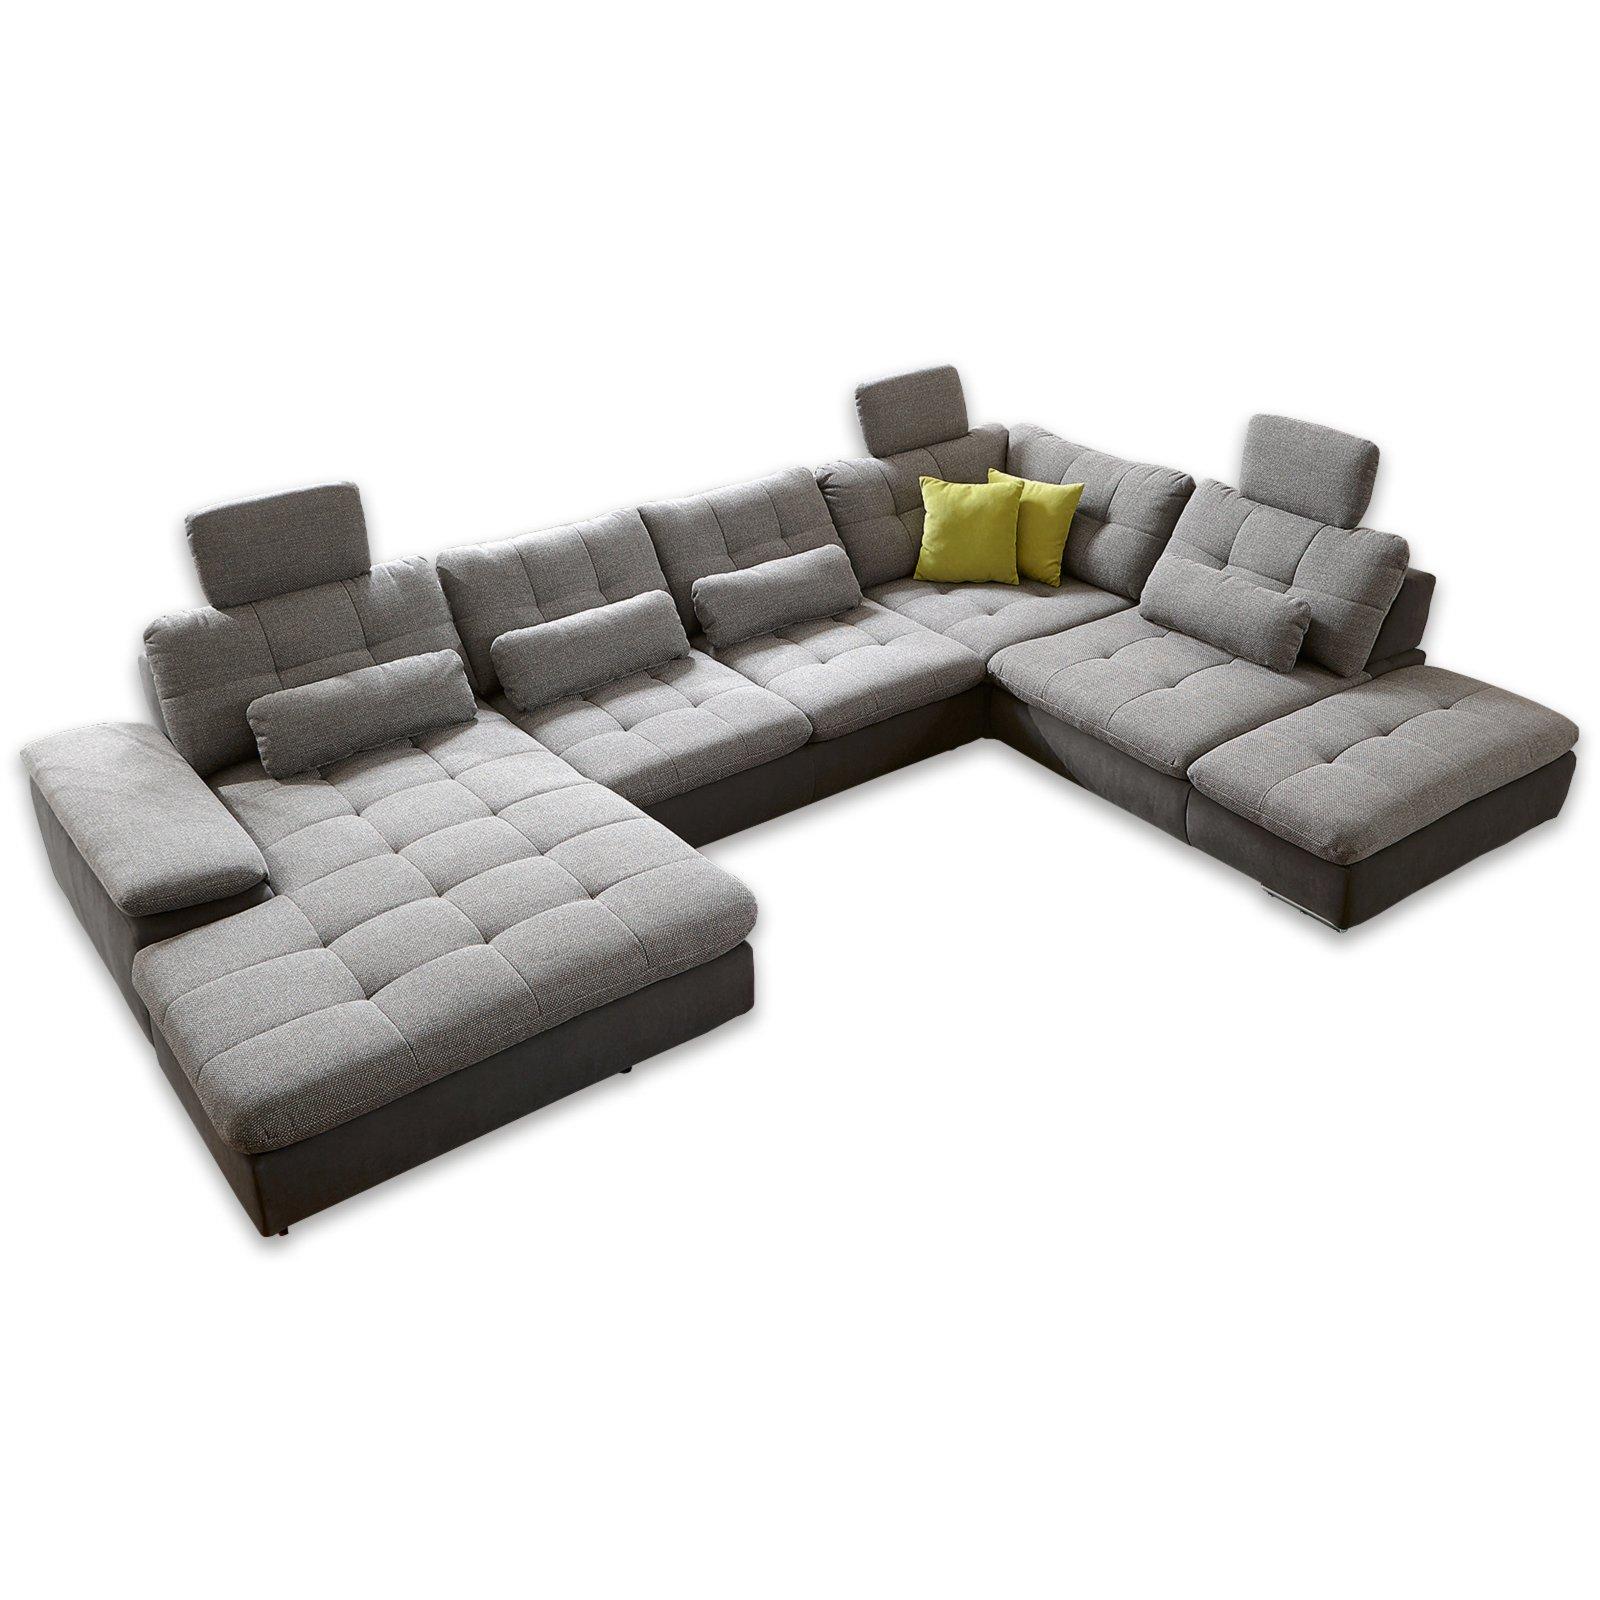 wohnlandschaft silber anthrazit sitztiefenverstellung. Black Bedroom Furniture Sets. Home Design Ideas